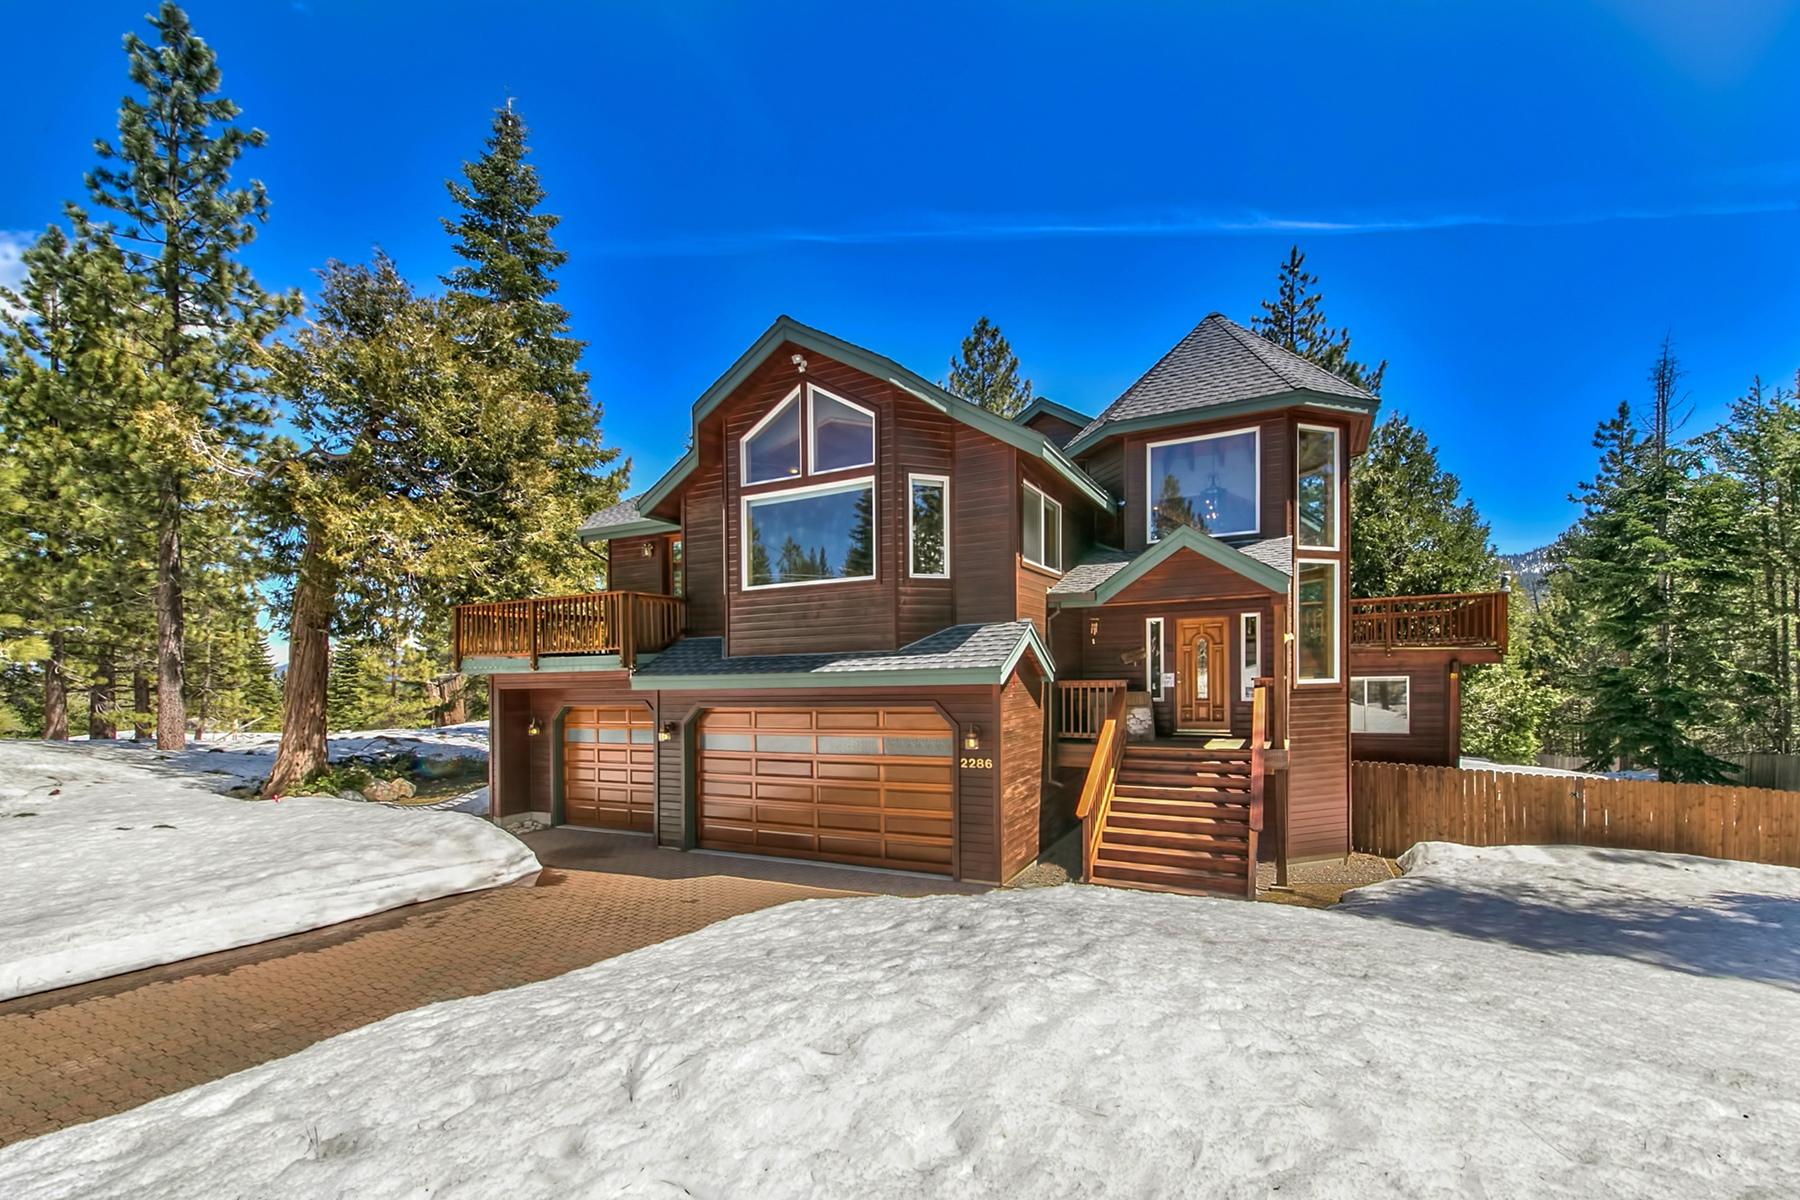 Casa Unifamiliar por un Venta en 2286 Chiapa Drive, South Lake Tahoe, California 96150 South Lake Tahoe, California 96150 Estados Unidos